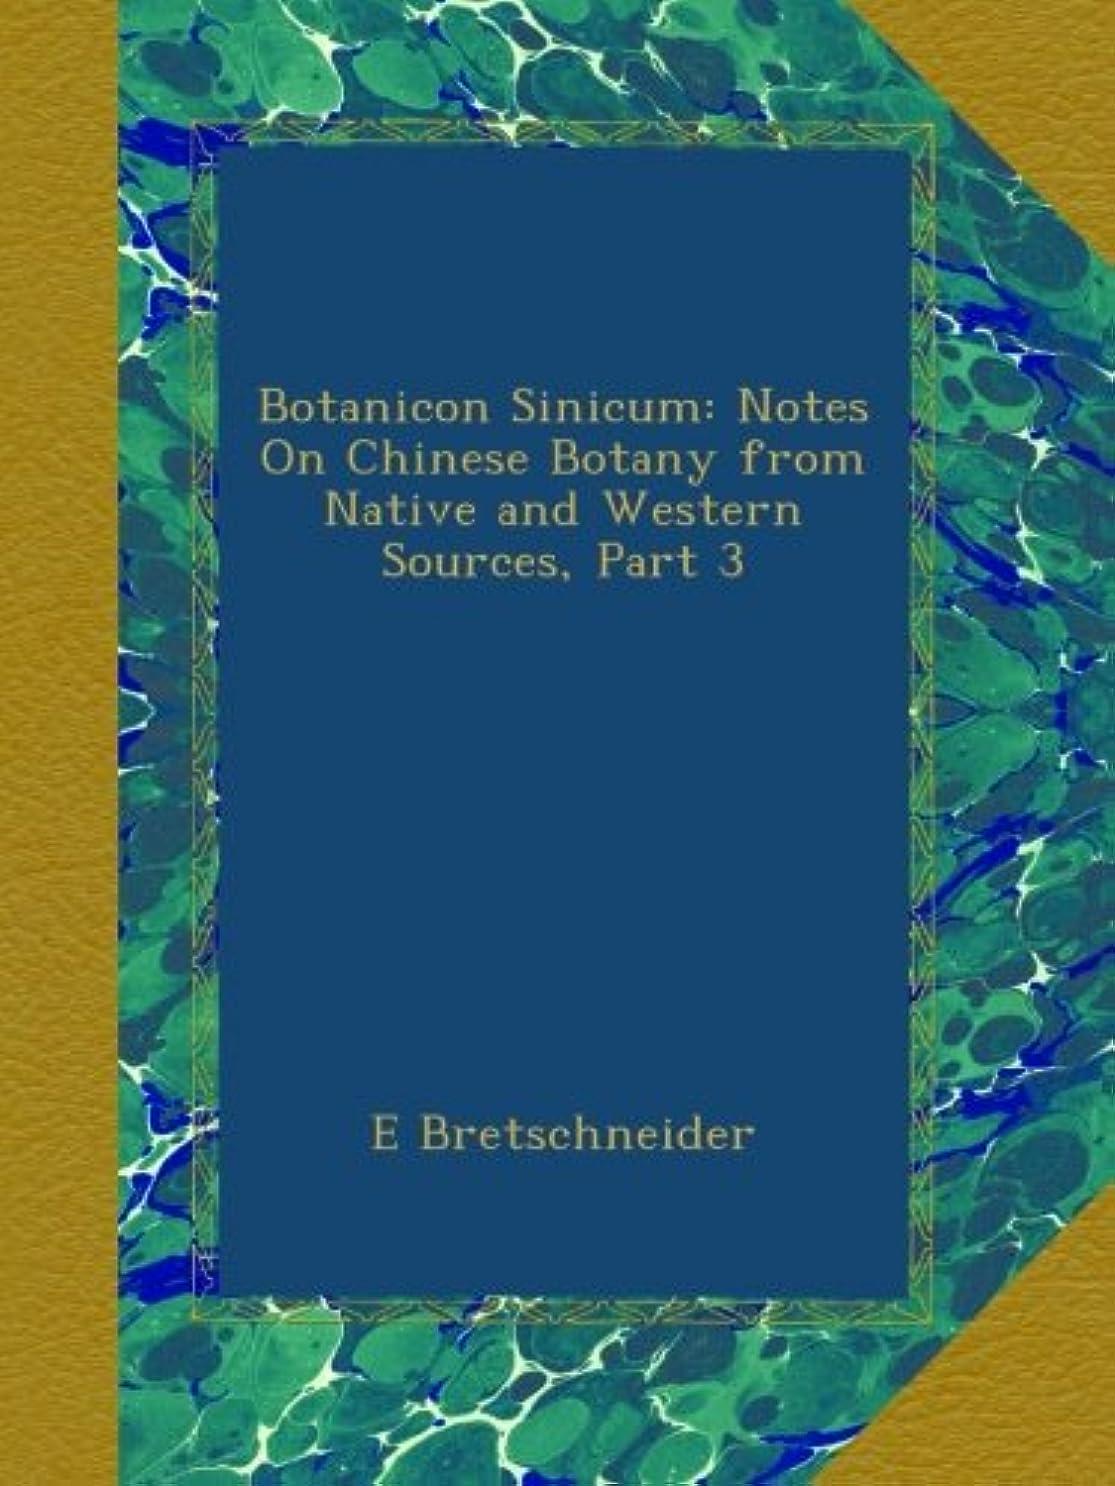 女王追加委託Botanicon Sinicum: Notes On Chinese Botany from Native and Western Sources, Part 3